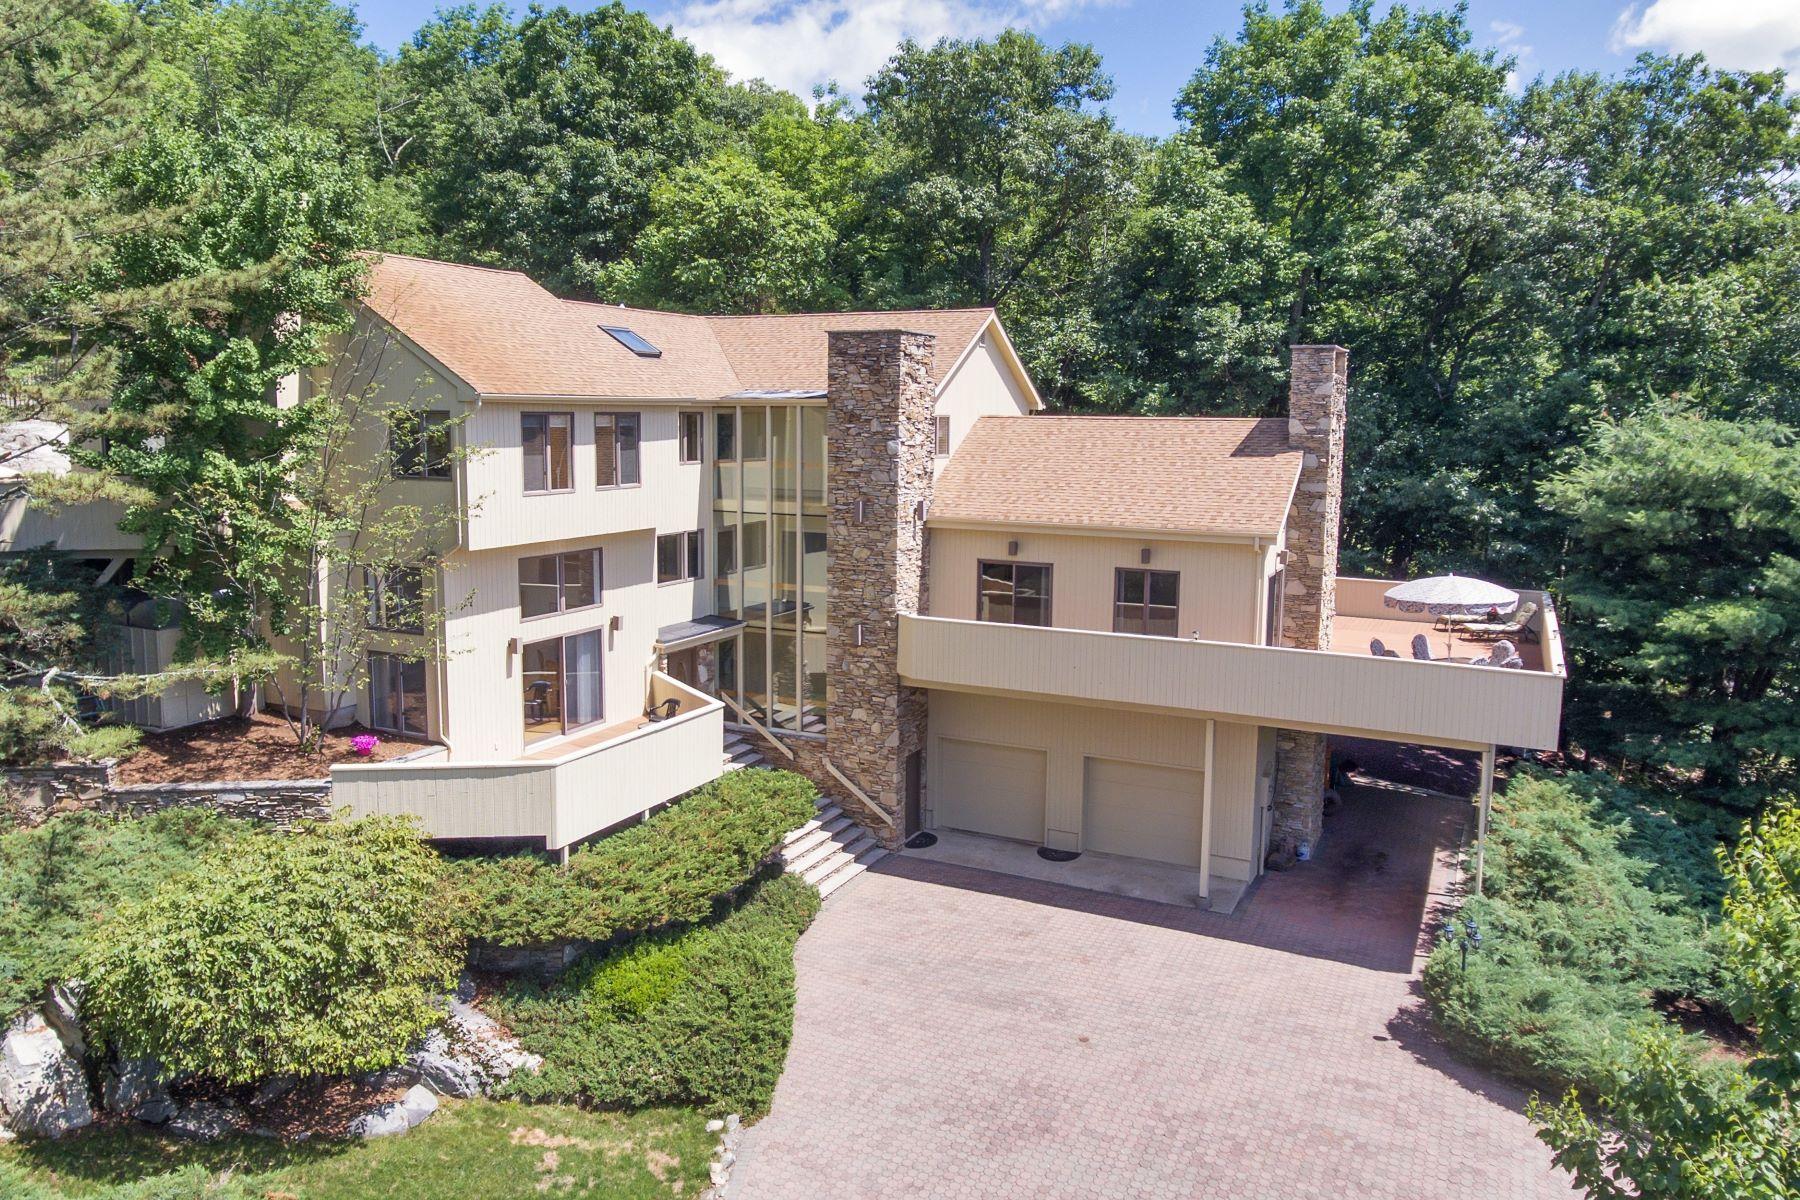 一戸建て のために 売買 アット Spectacular Views 7 Eagle Rock Drive, Boonton, ニュージャージー 07005 アメリカ合衆国